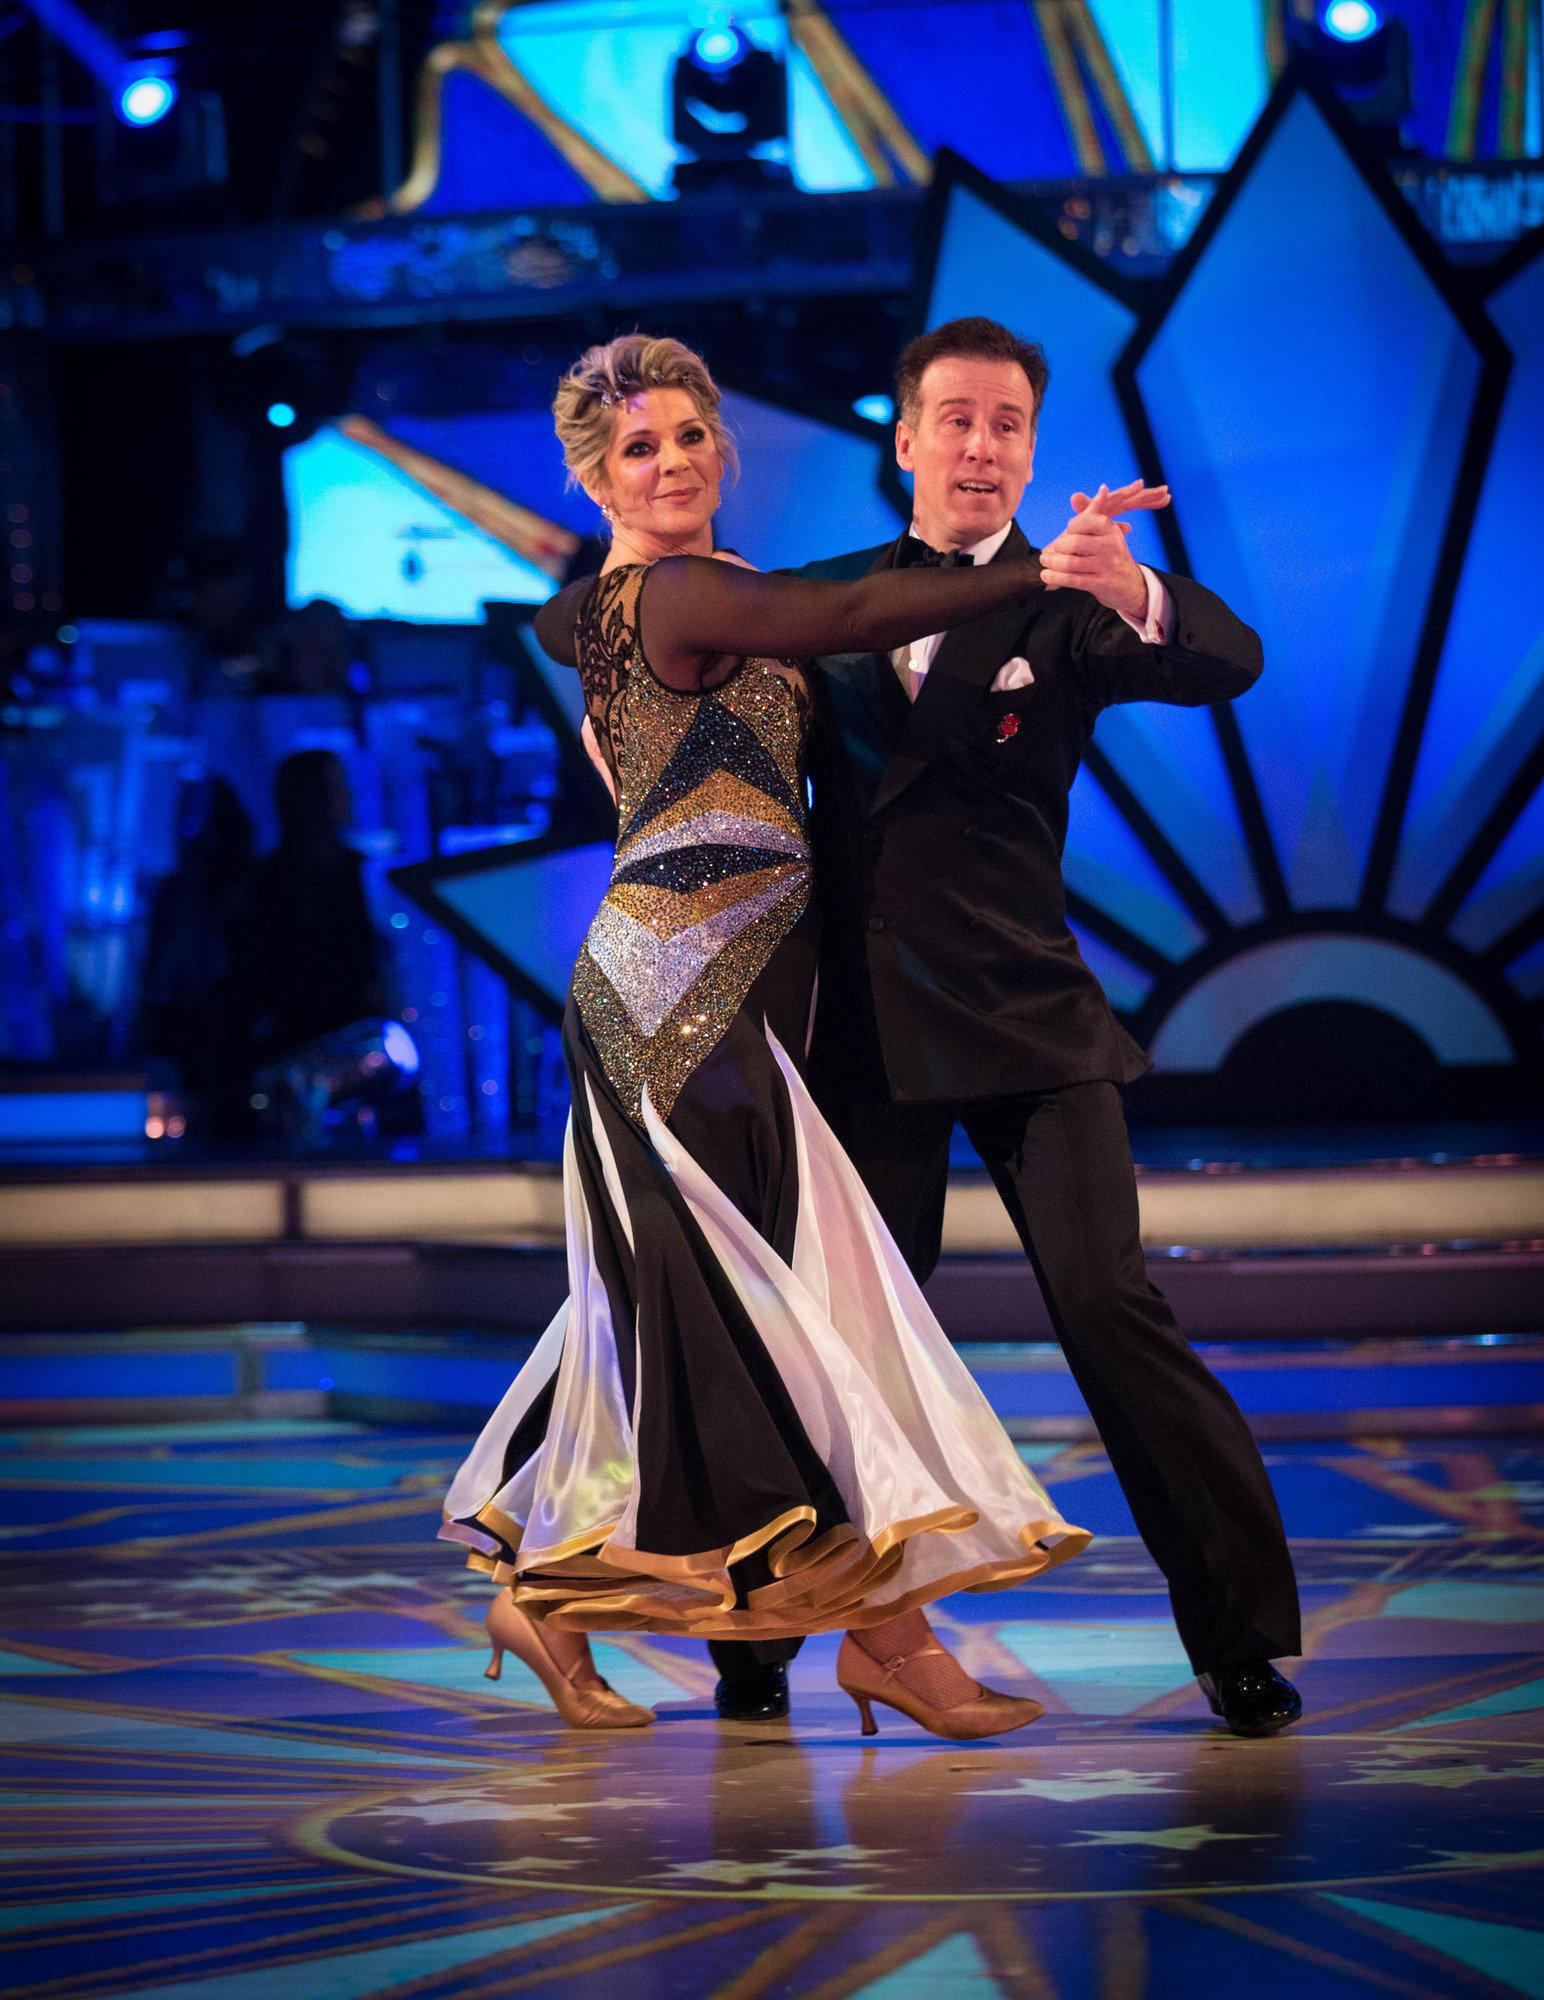 Ruth and Anton Du Beke were eliminated on Sunday